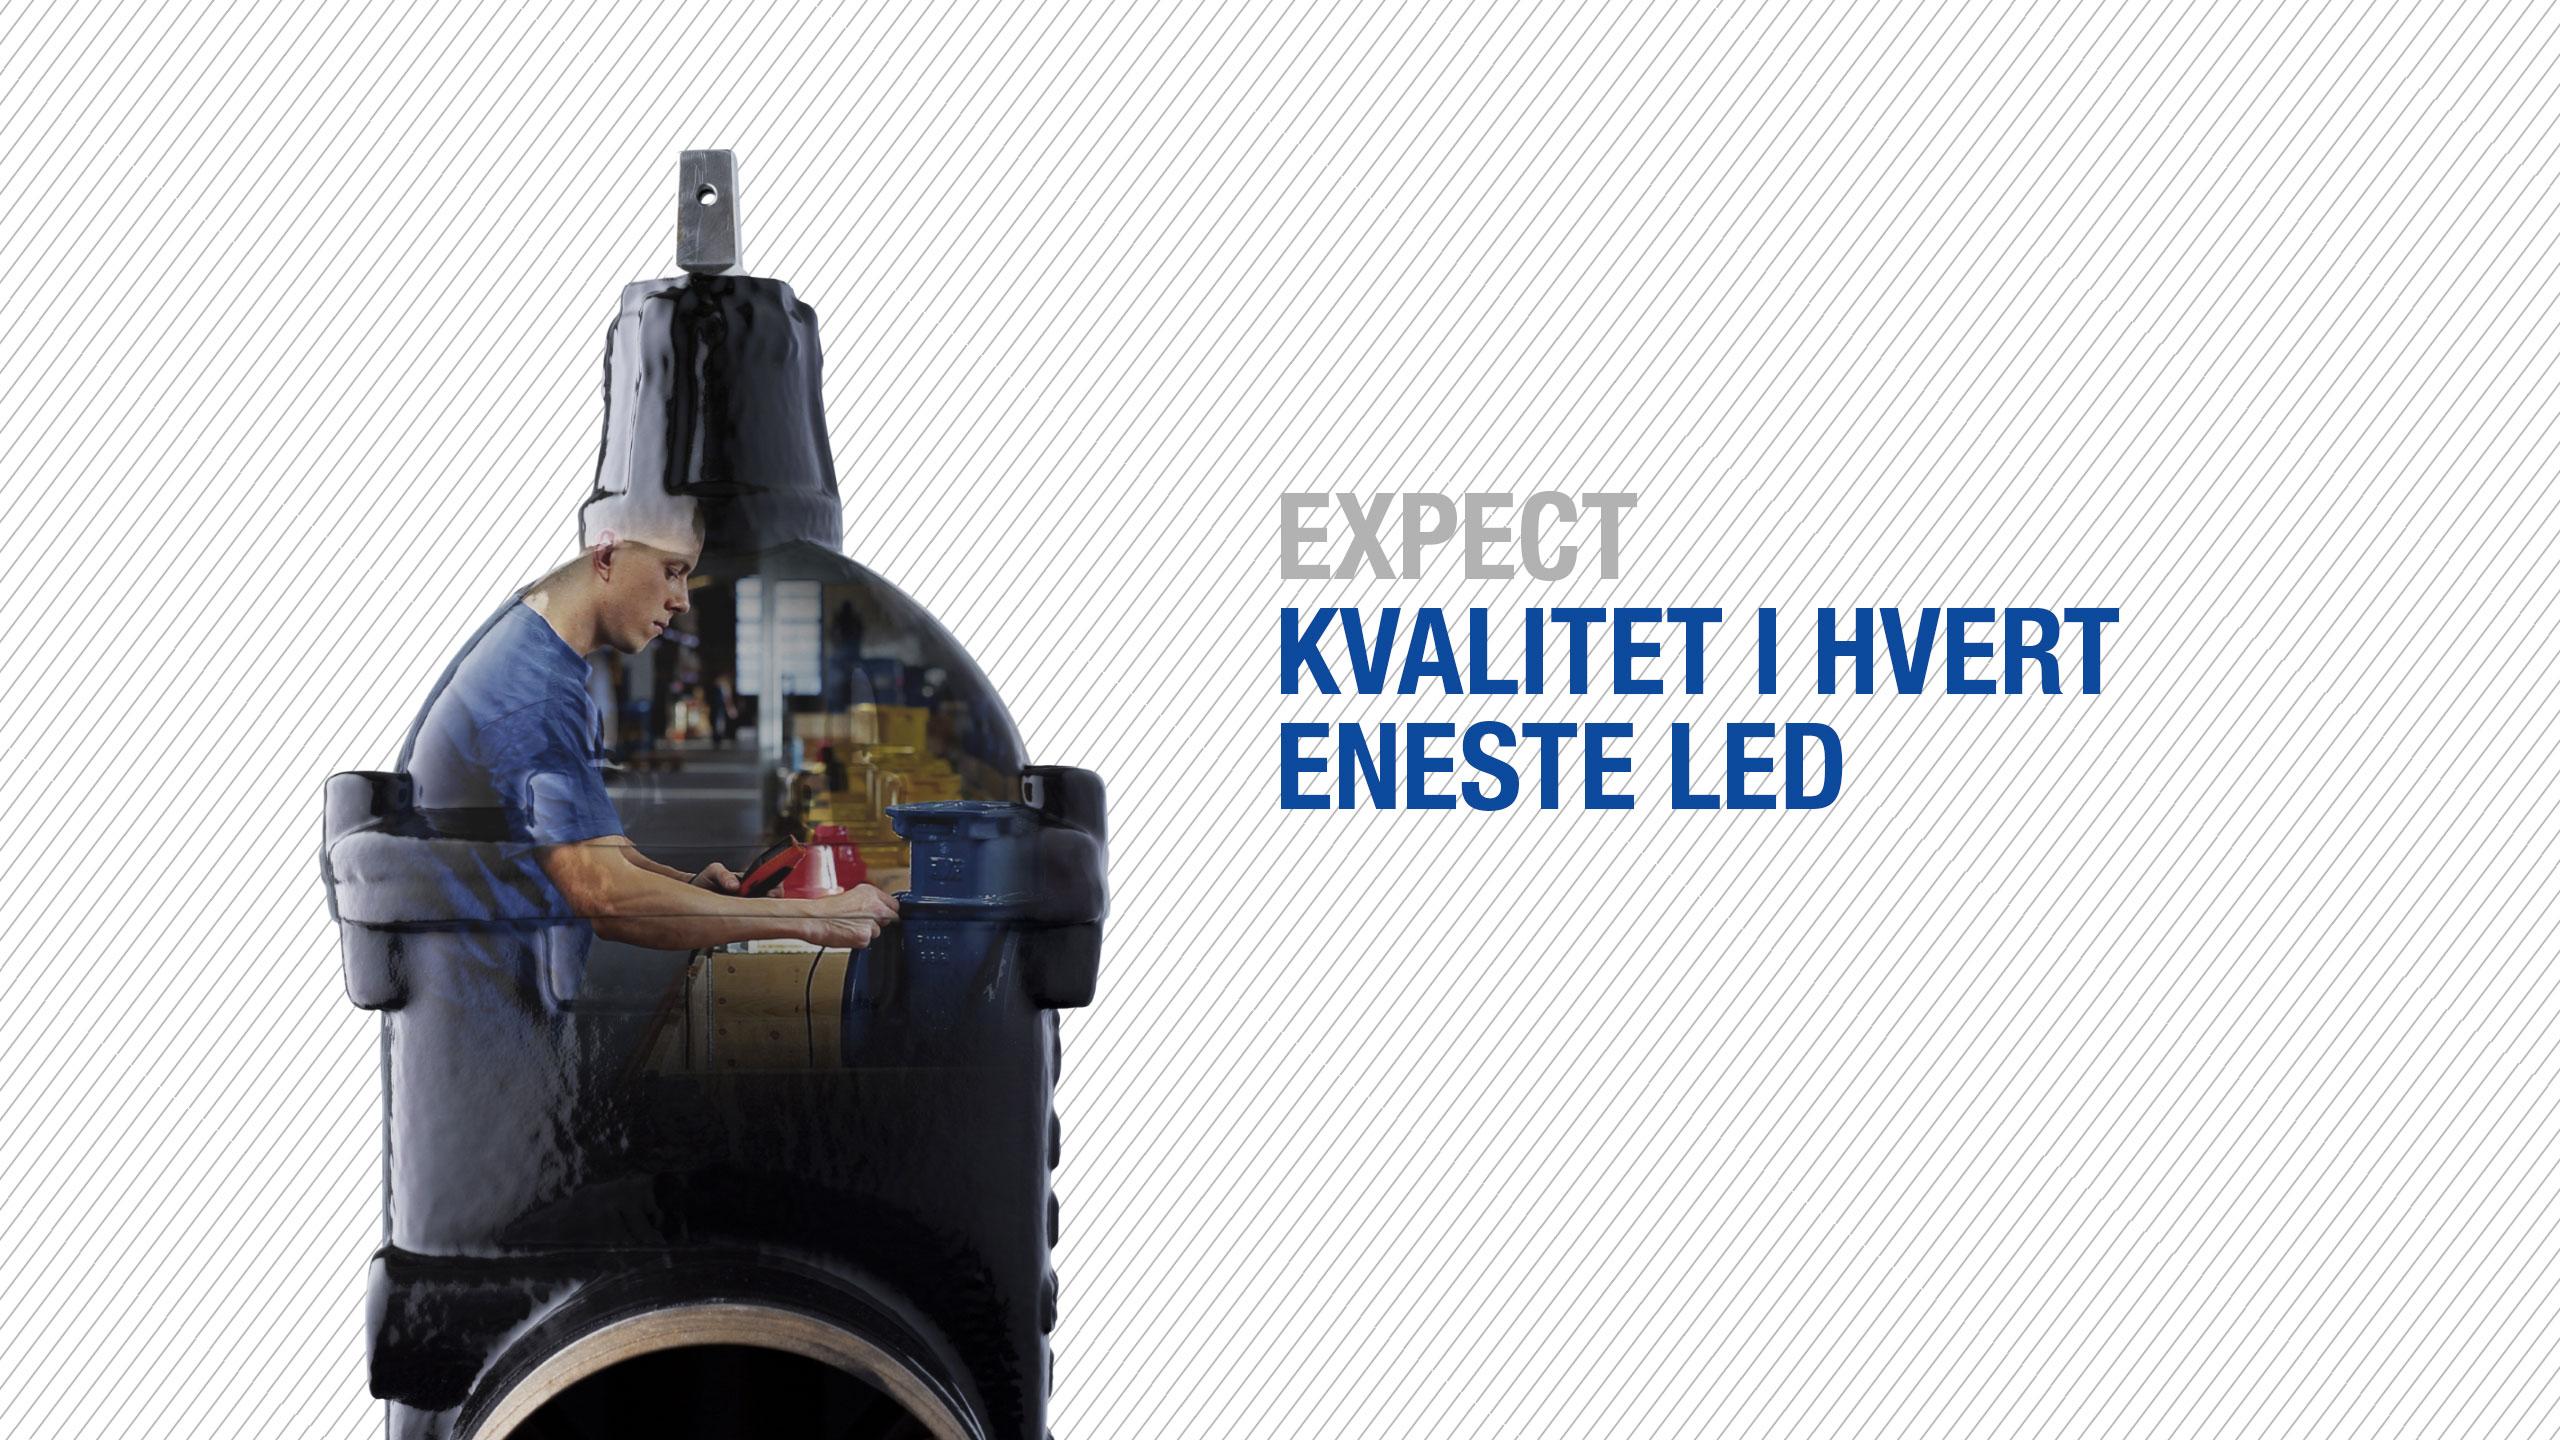 Expect... vi lover kvalitet i alle led